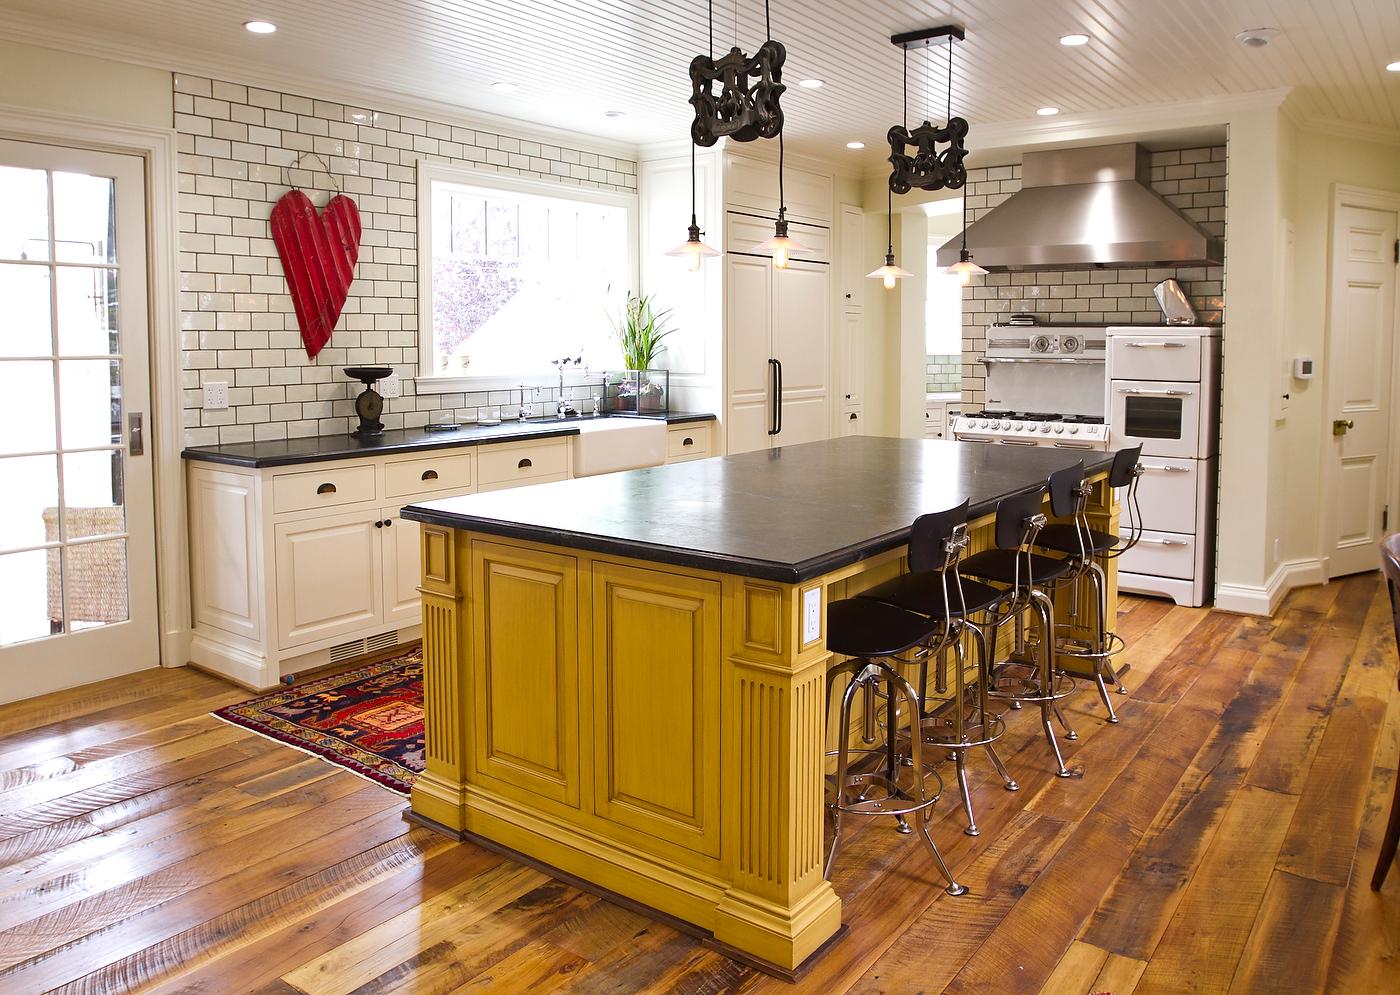 kitchens-indoor-04.jpg